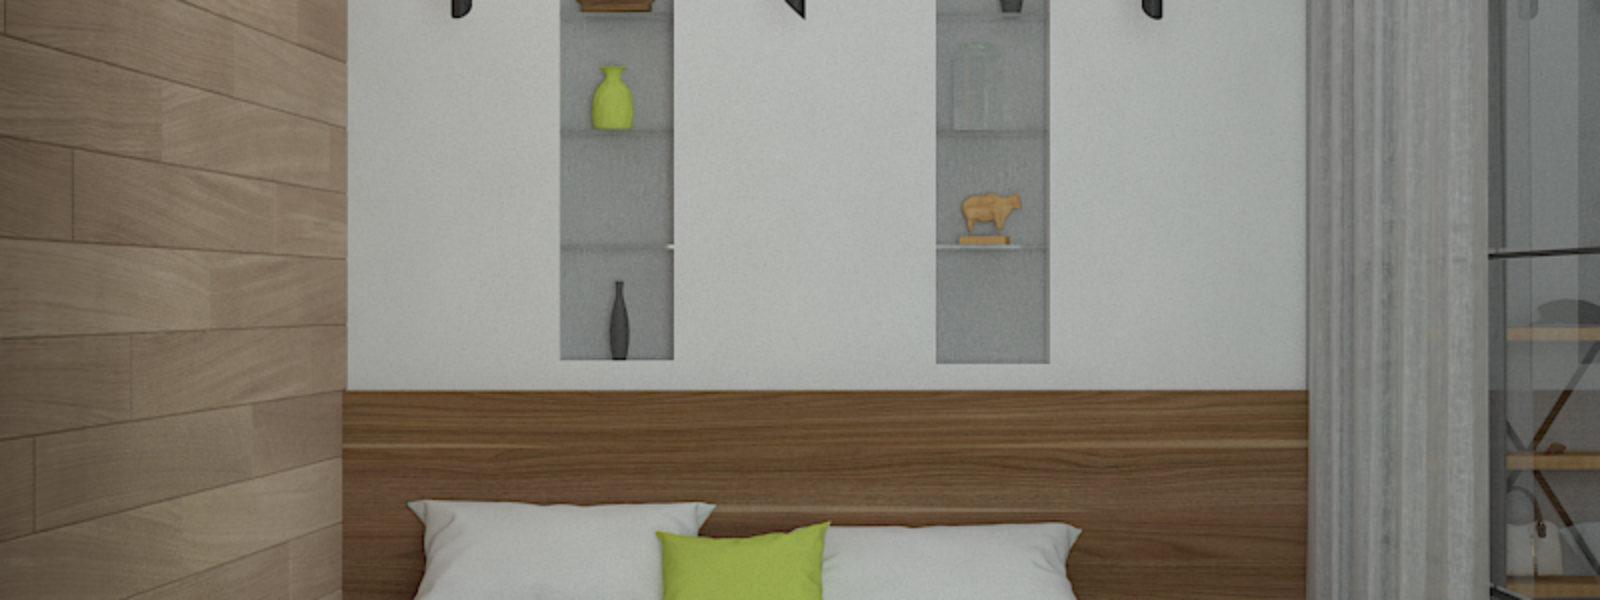 Дизайн проект квартиры в стиле лофт. Спальня.